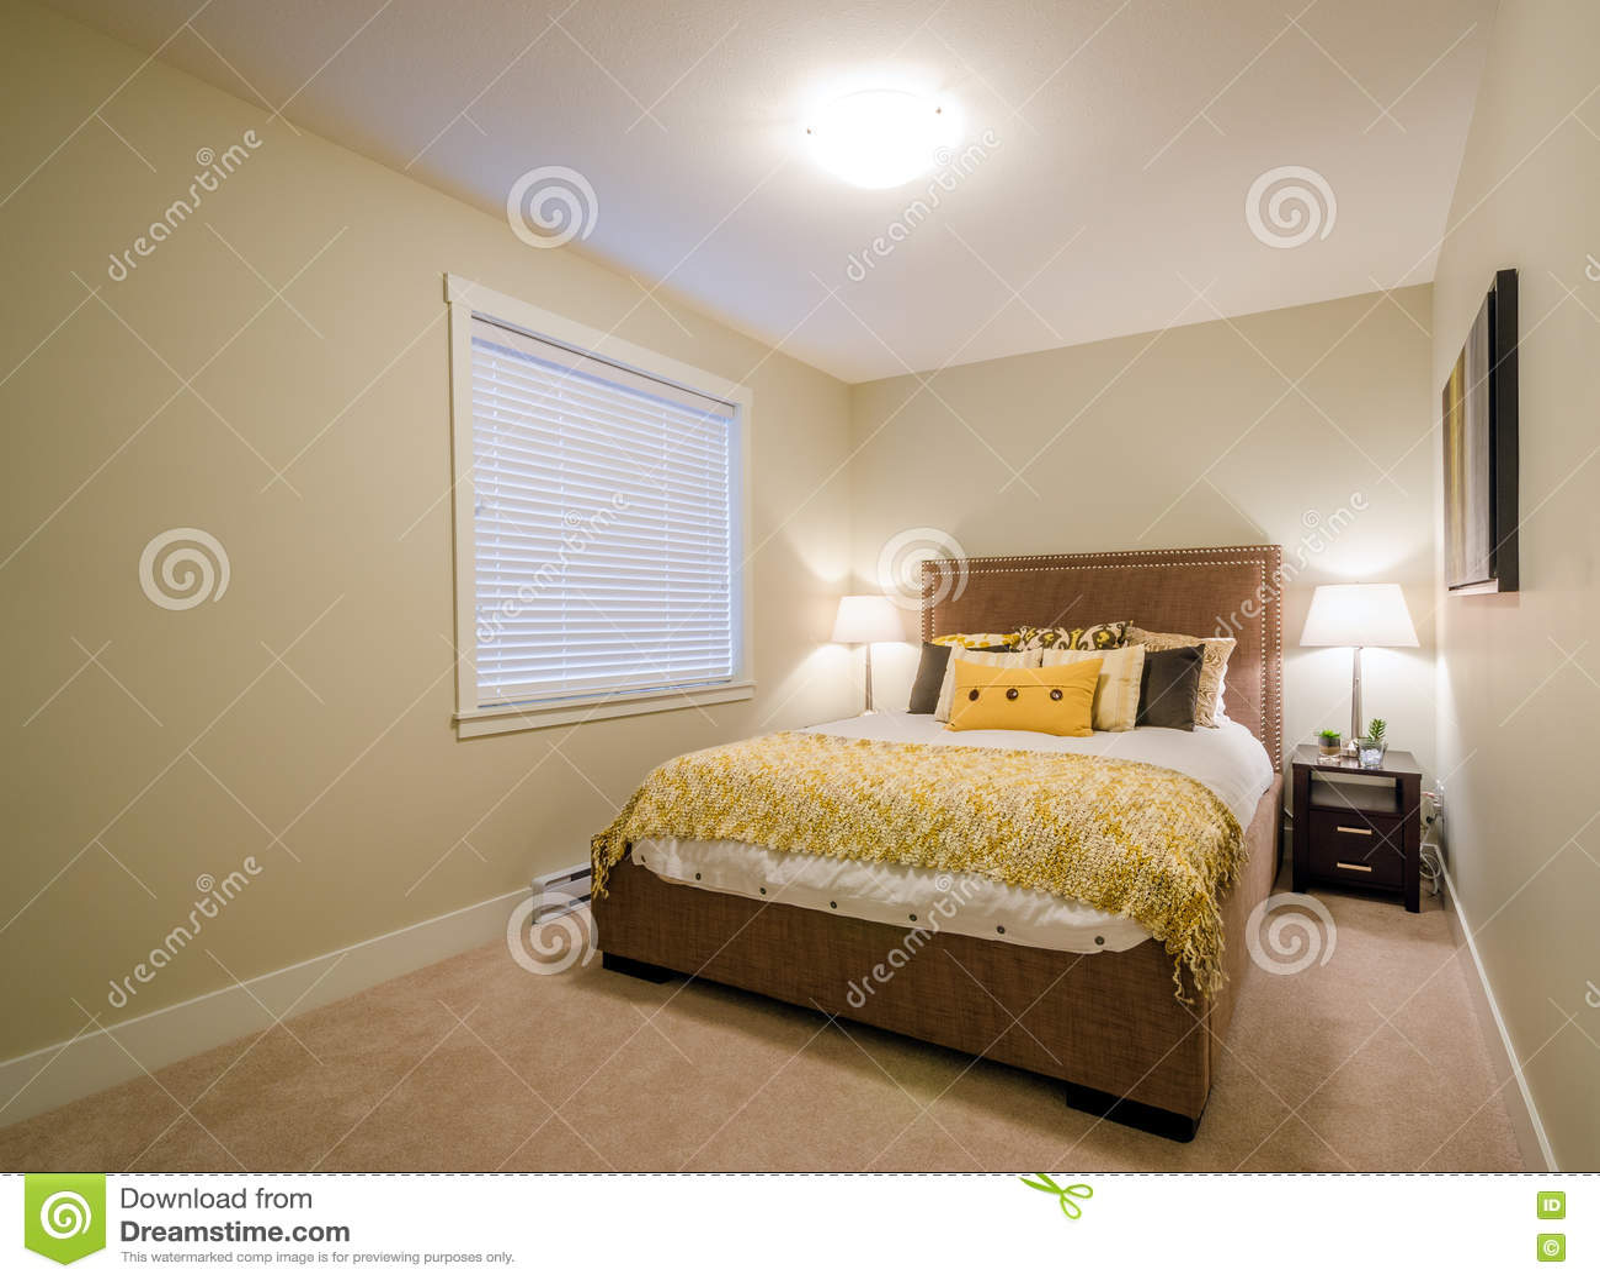 Download Modernes Gelbes Schlafzimmer Stockbild   Bild Von Braun, Bequem:  75826893